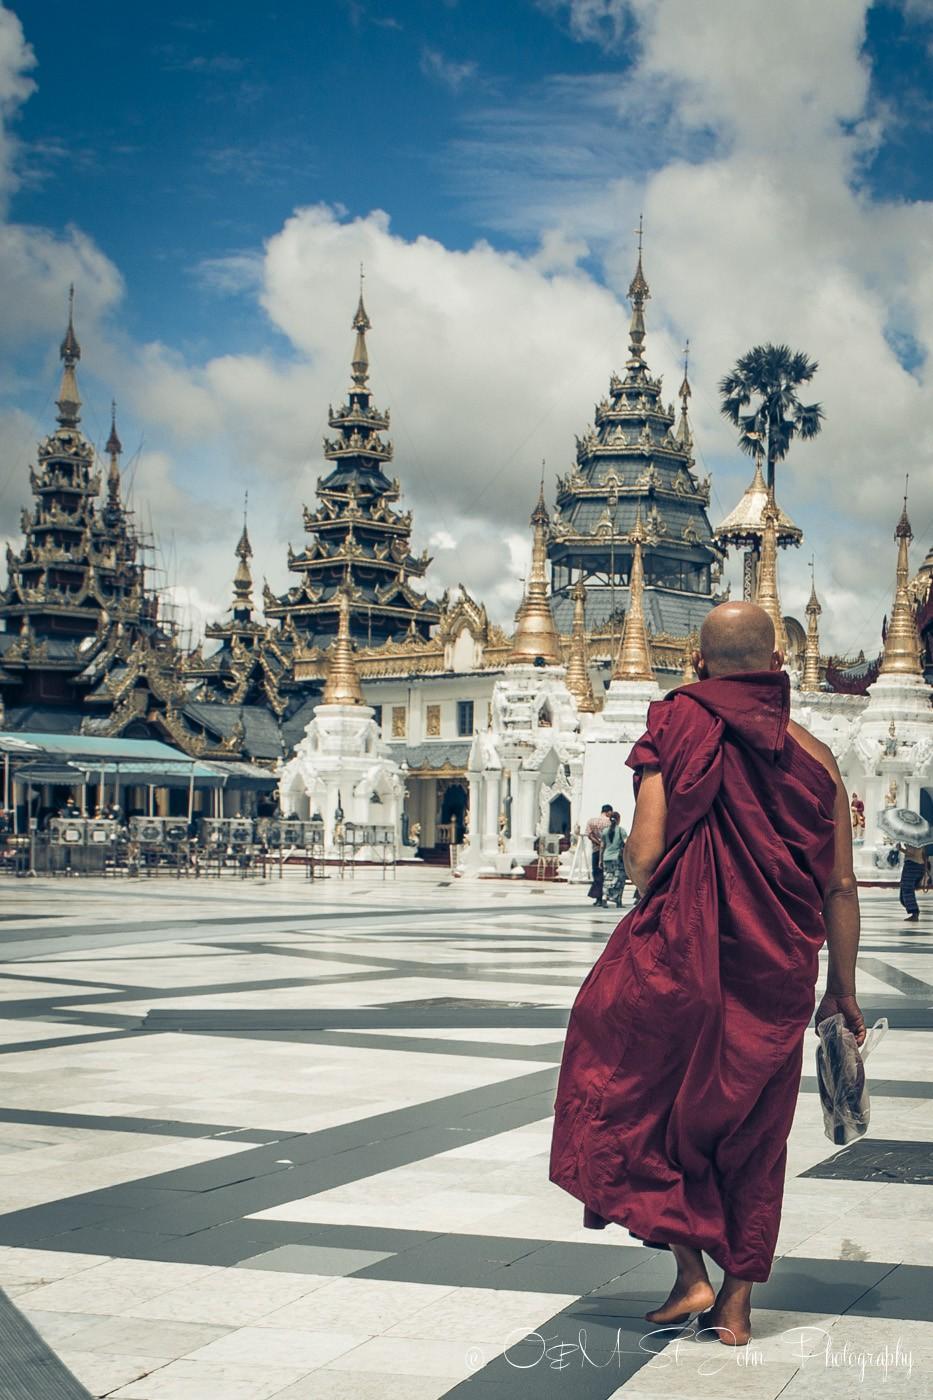 Monk at the Shwedagon Pagoda. Yangon. Myanmar